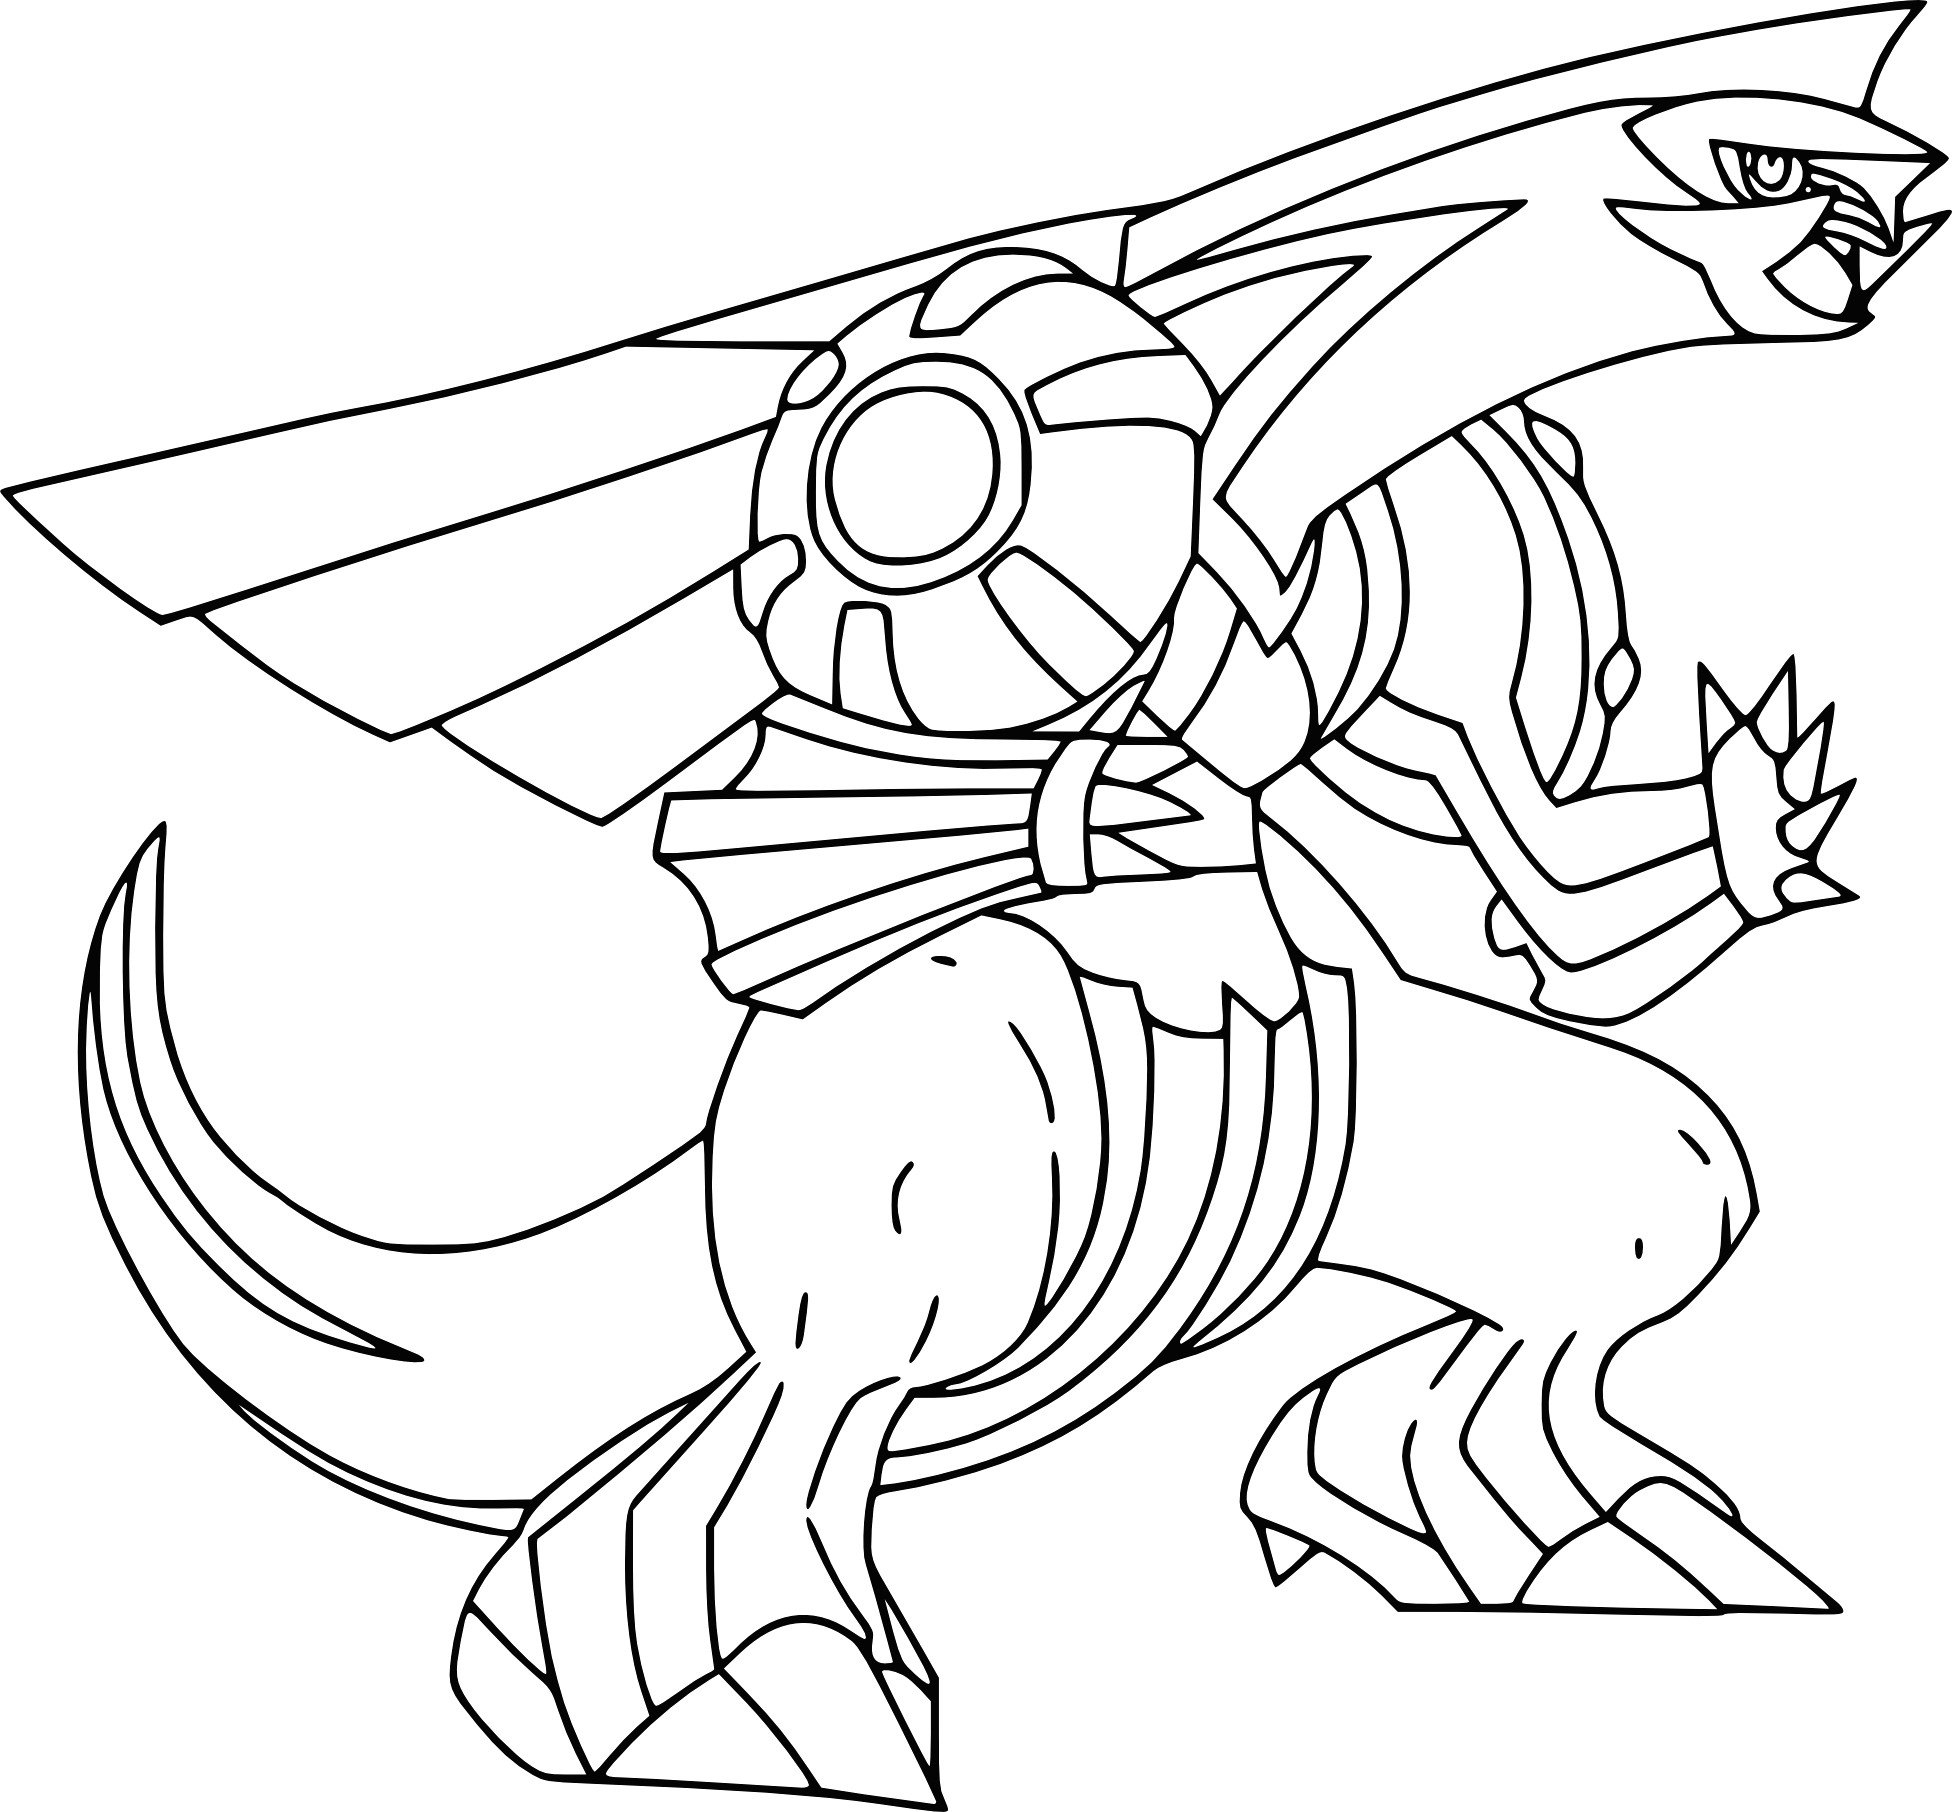 Coloriages Raikou L Attaque Fr Hellokids Com Avec encequiconcerne Coloriage A Imprimer Pokemon Legendaire